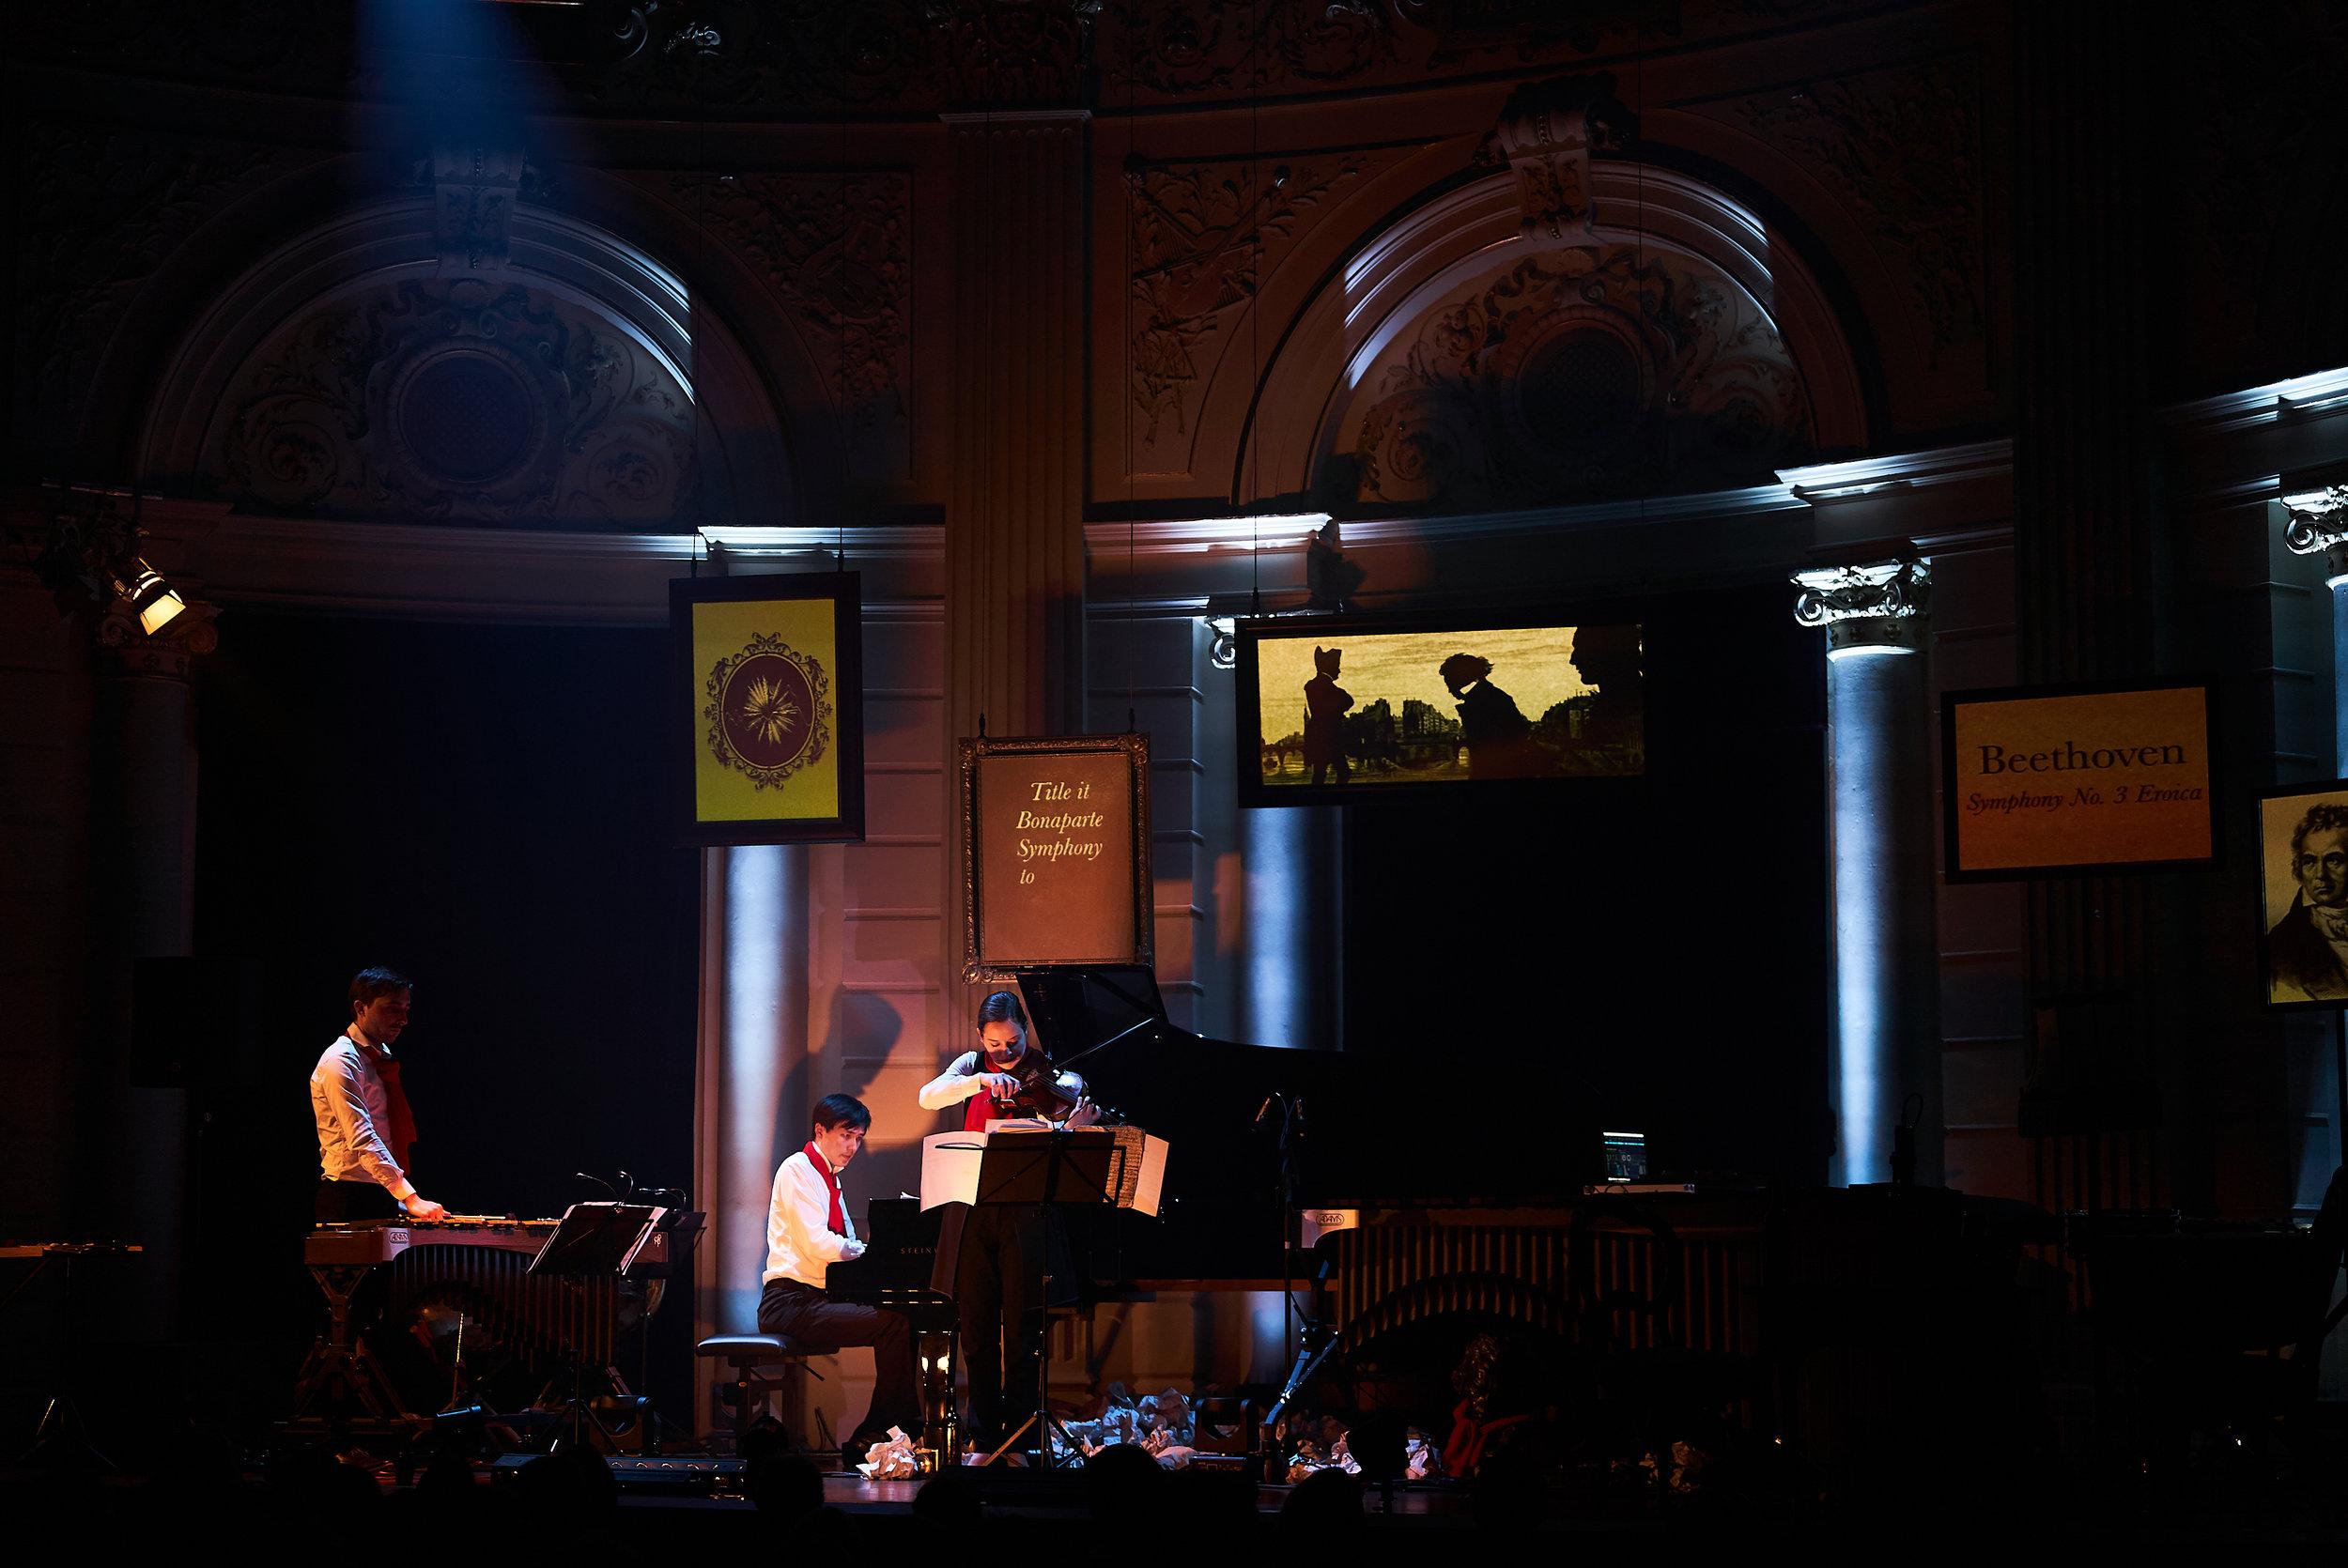 _2019-03-01_Concertgebouw_Tomek-Dersu-Aaron_018.jpg